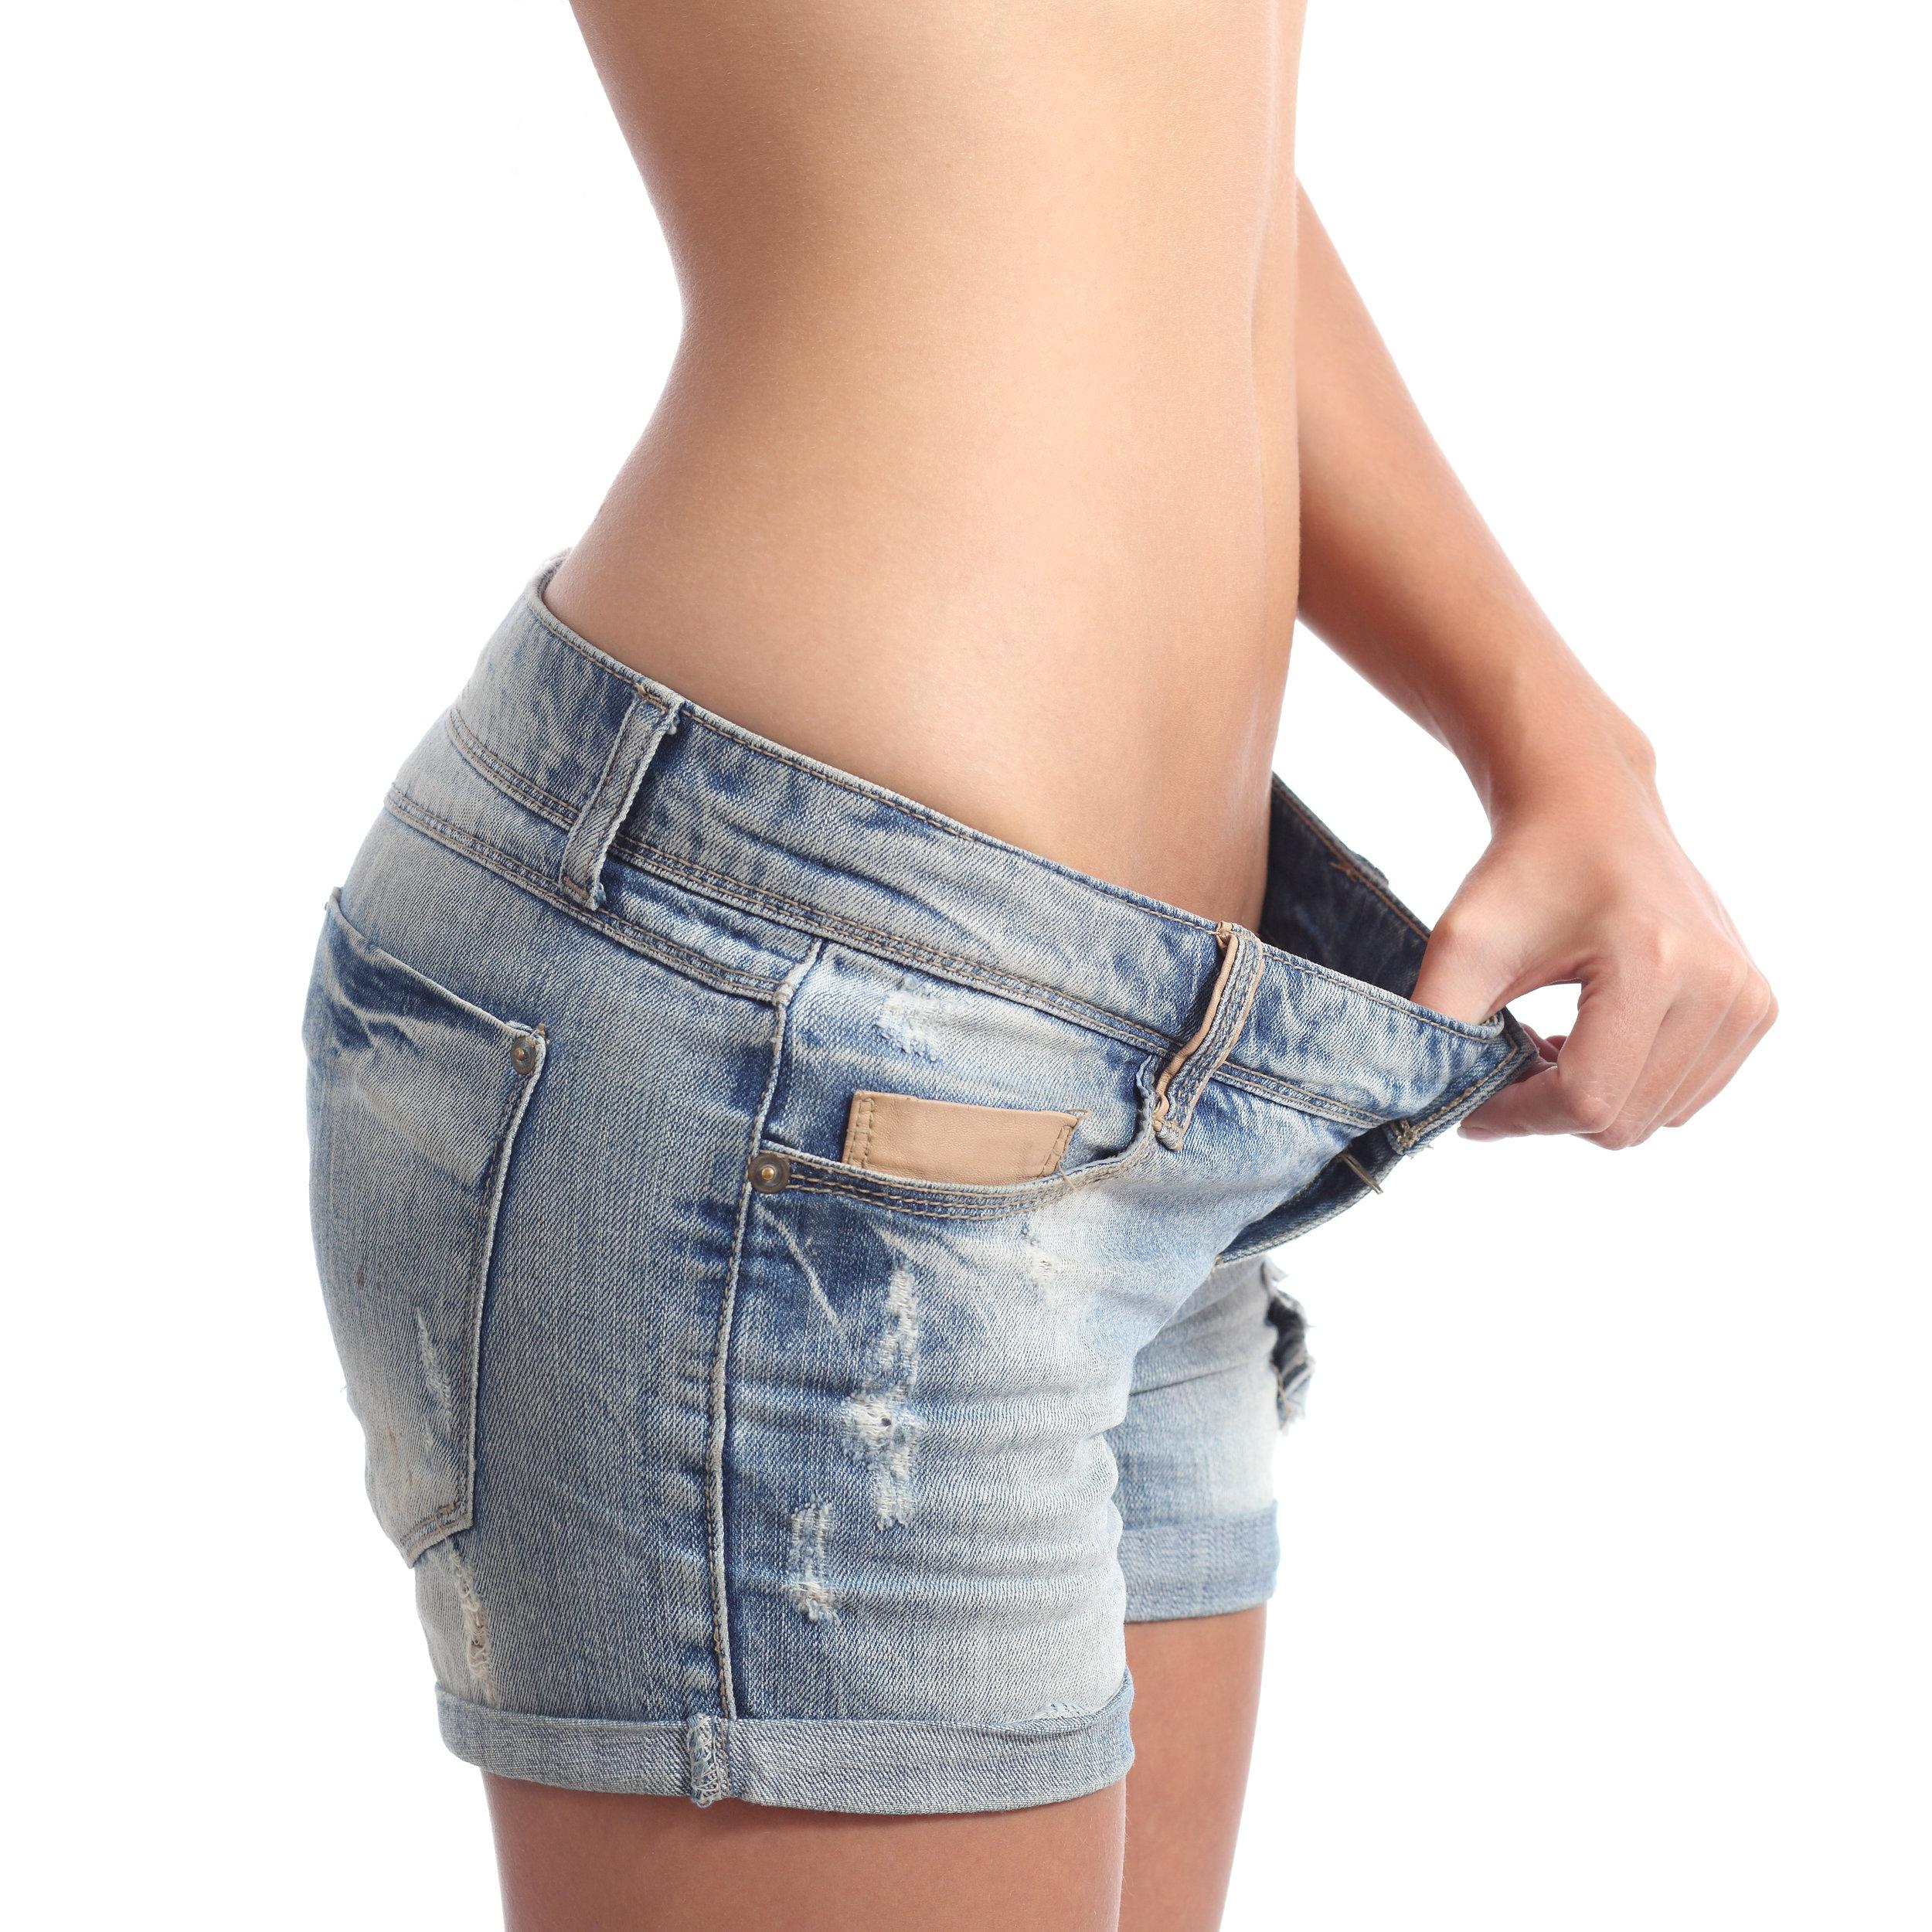 Woman weight loss diet concept.jpg